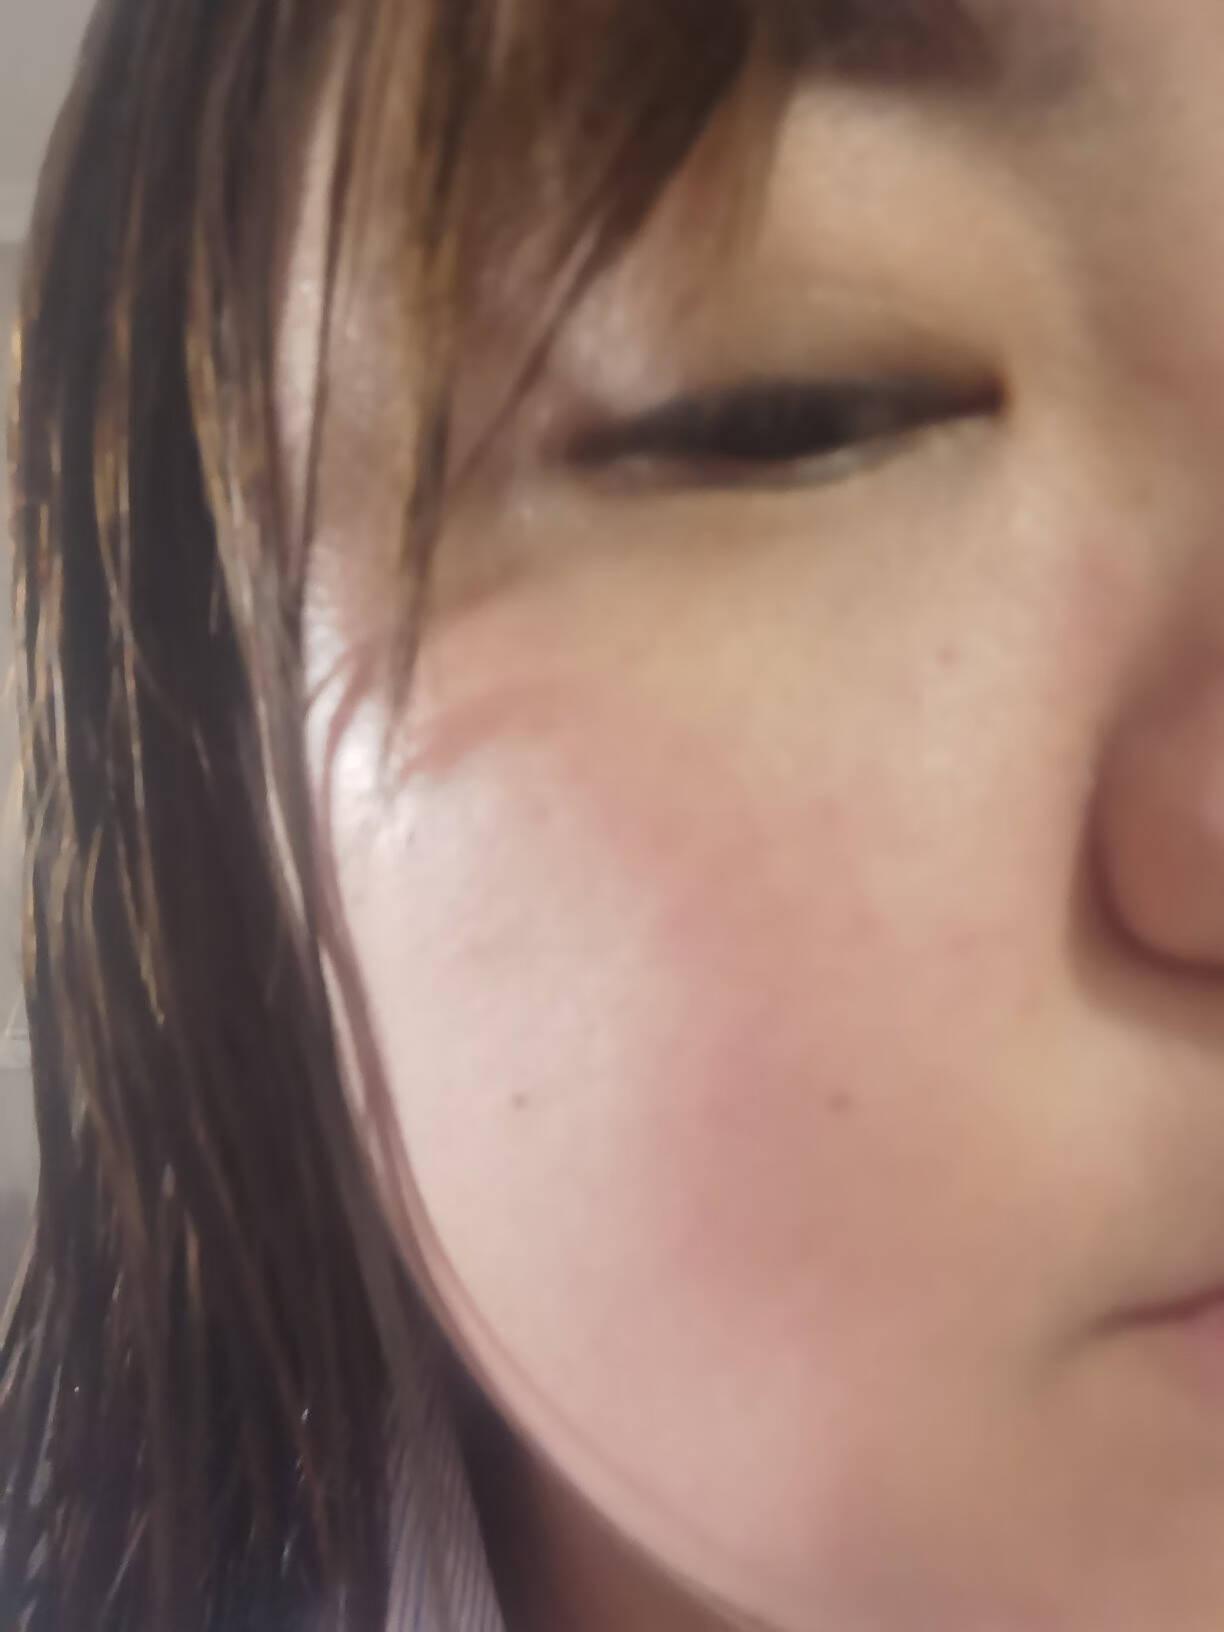 兰芝(LANEIGE)隔离霜妆前乳雪纱丝柔隔离紫/绿遮瑕提亮肤色30mlSPF25/PA++直采新版紫隔40#30ml【修饰泛黄提亮肤色】